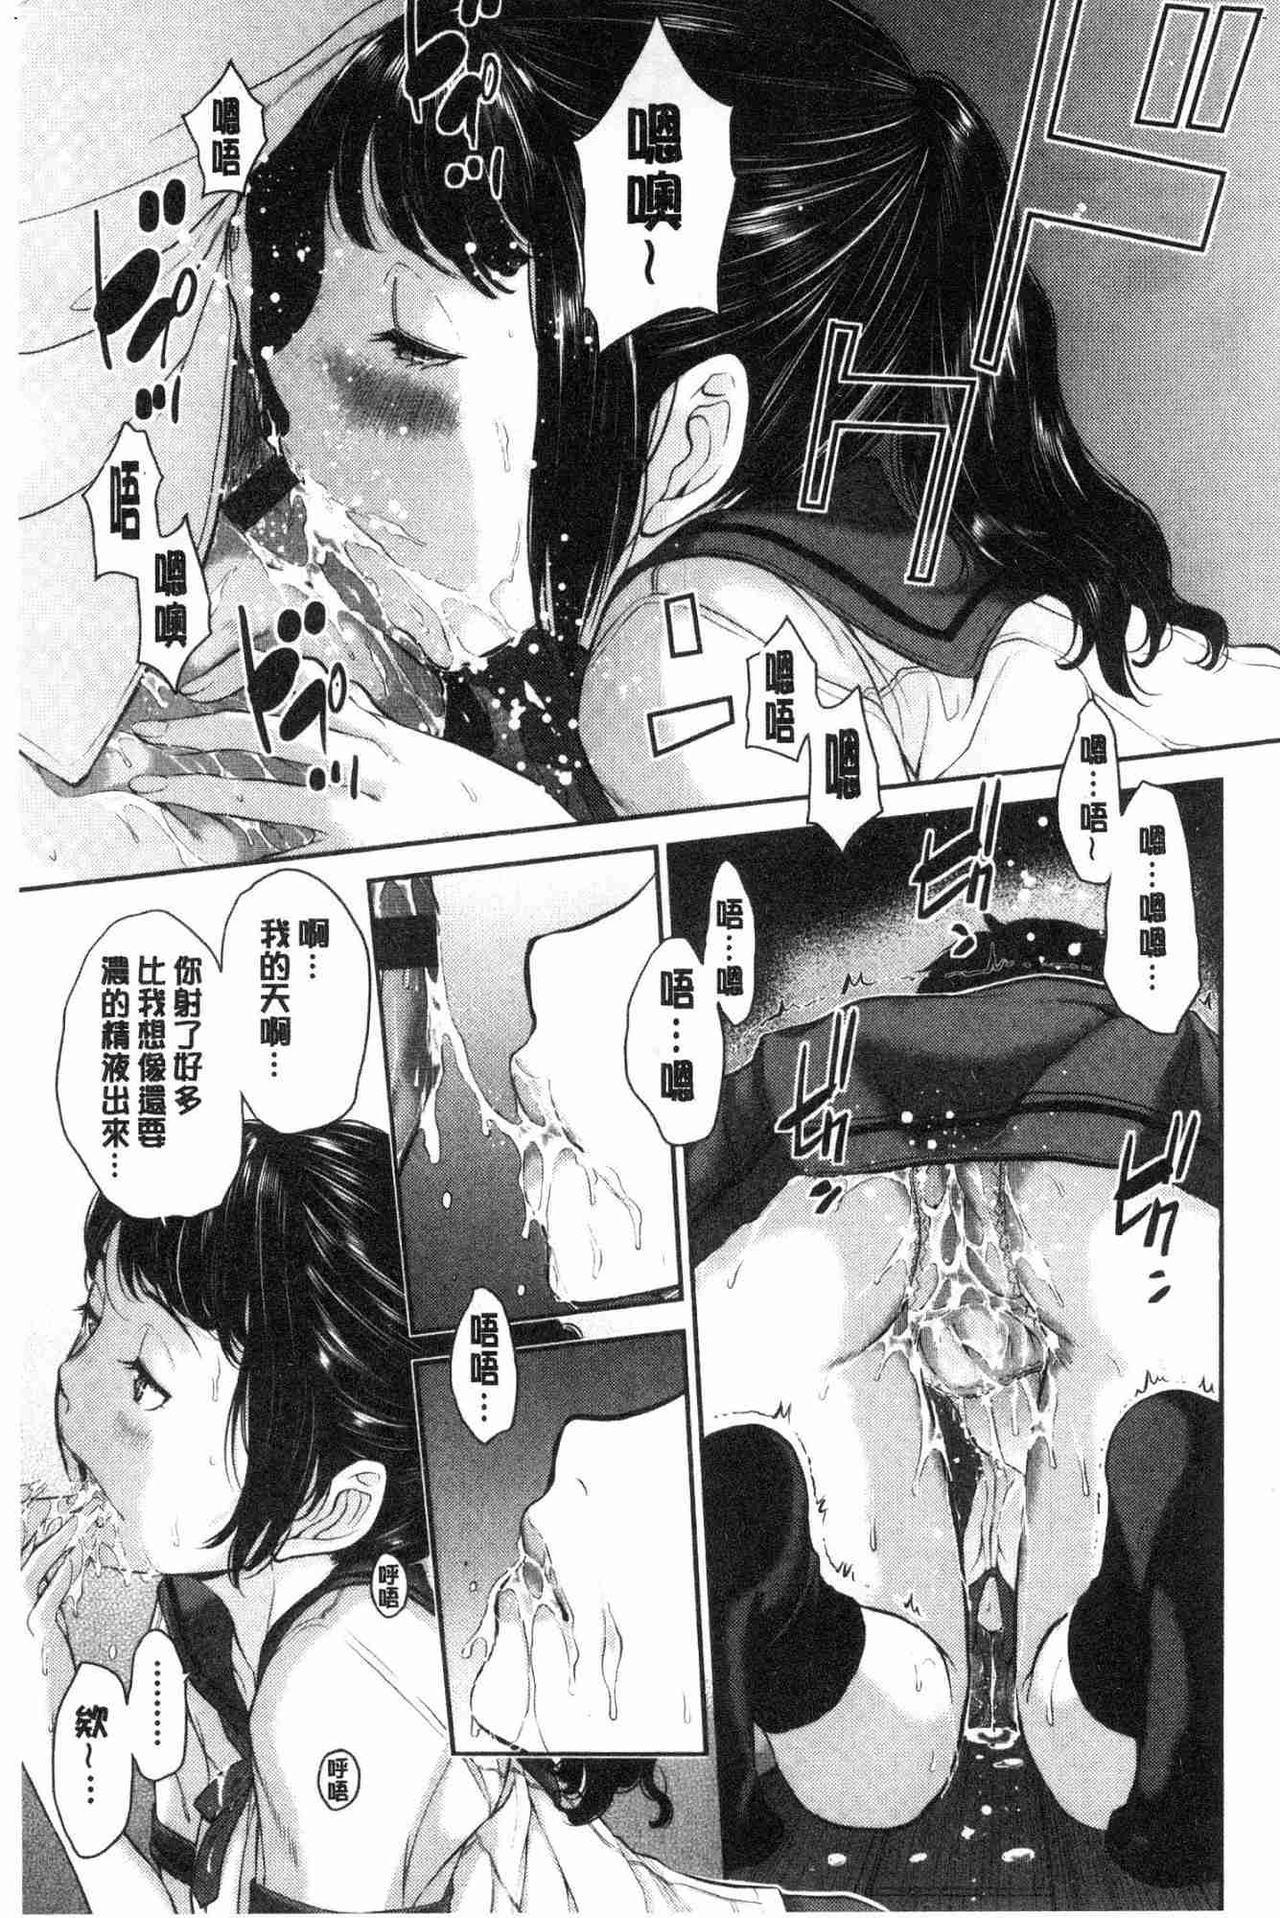 [Harazaki Takuma] Seifuku Shijou Shugi -Natsu- - Uniforms supremacy [Chinese] 73